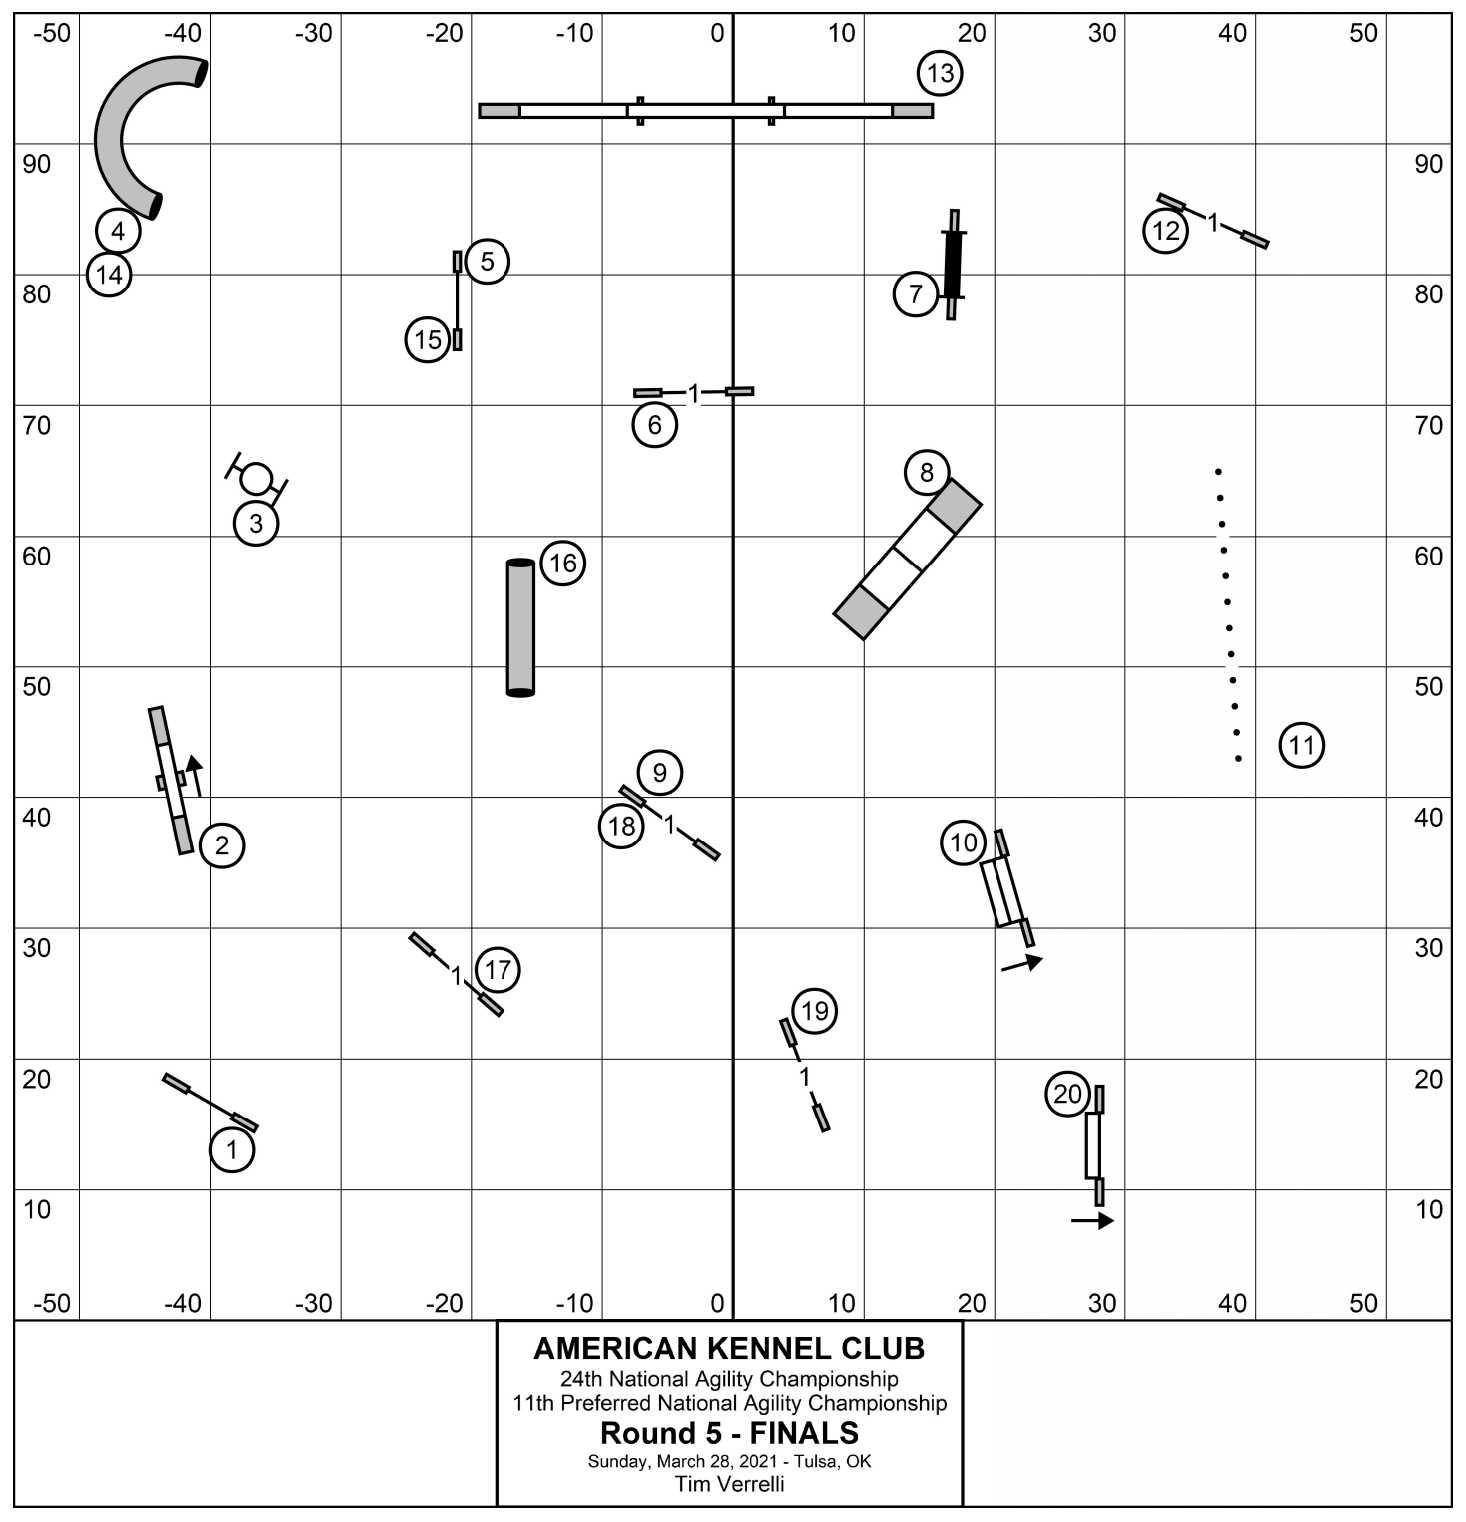 2021 AKC NAC Finals Course Diagram